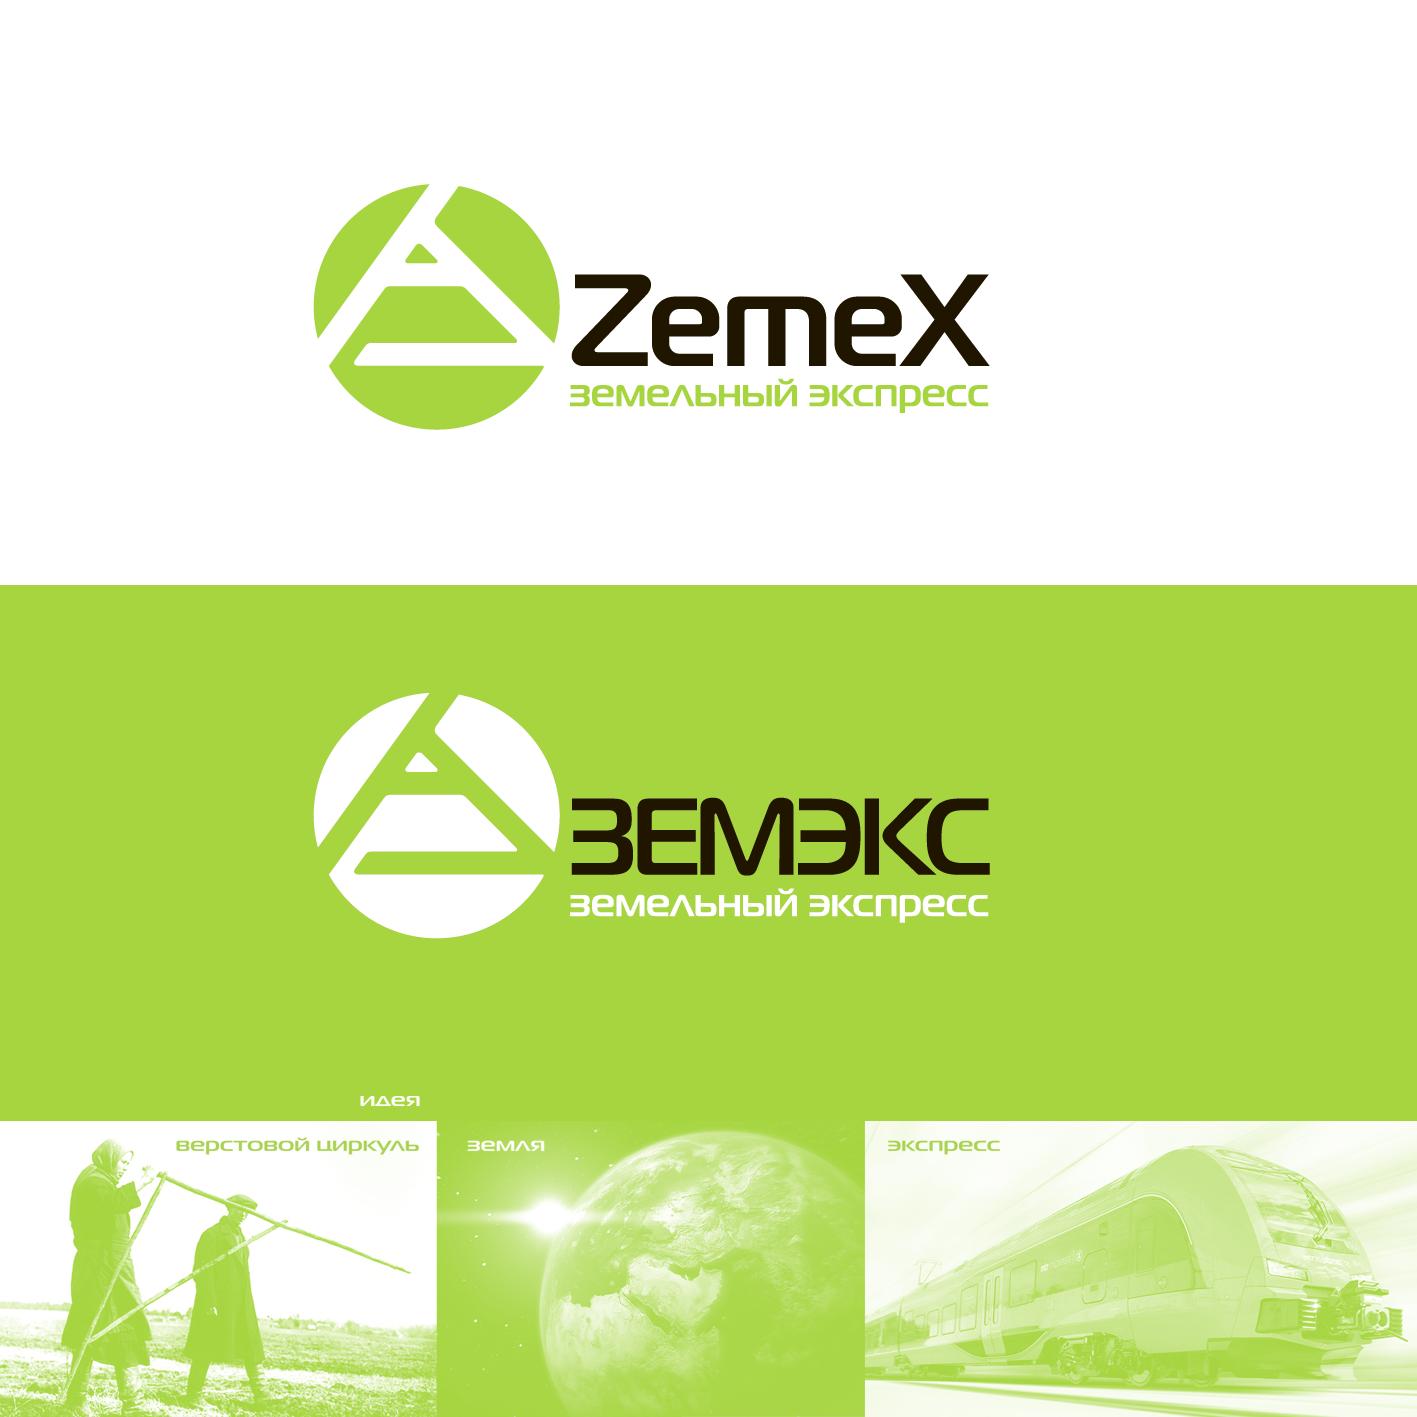 Создание логотипа и фирменного стиля фото f_80059ddfa485c2ce.png